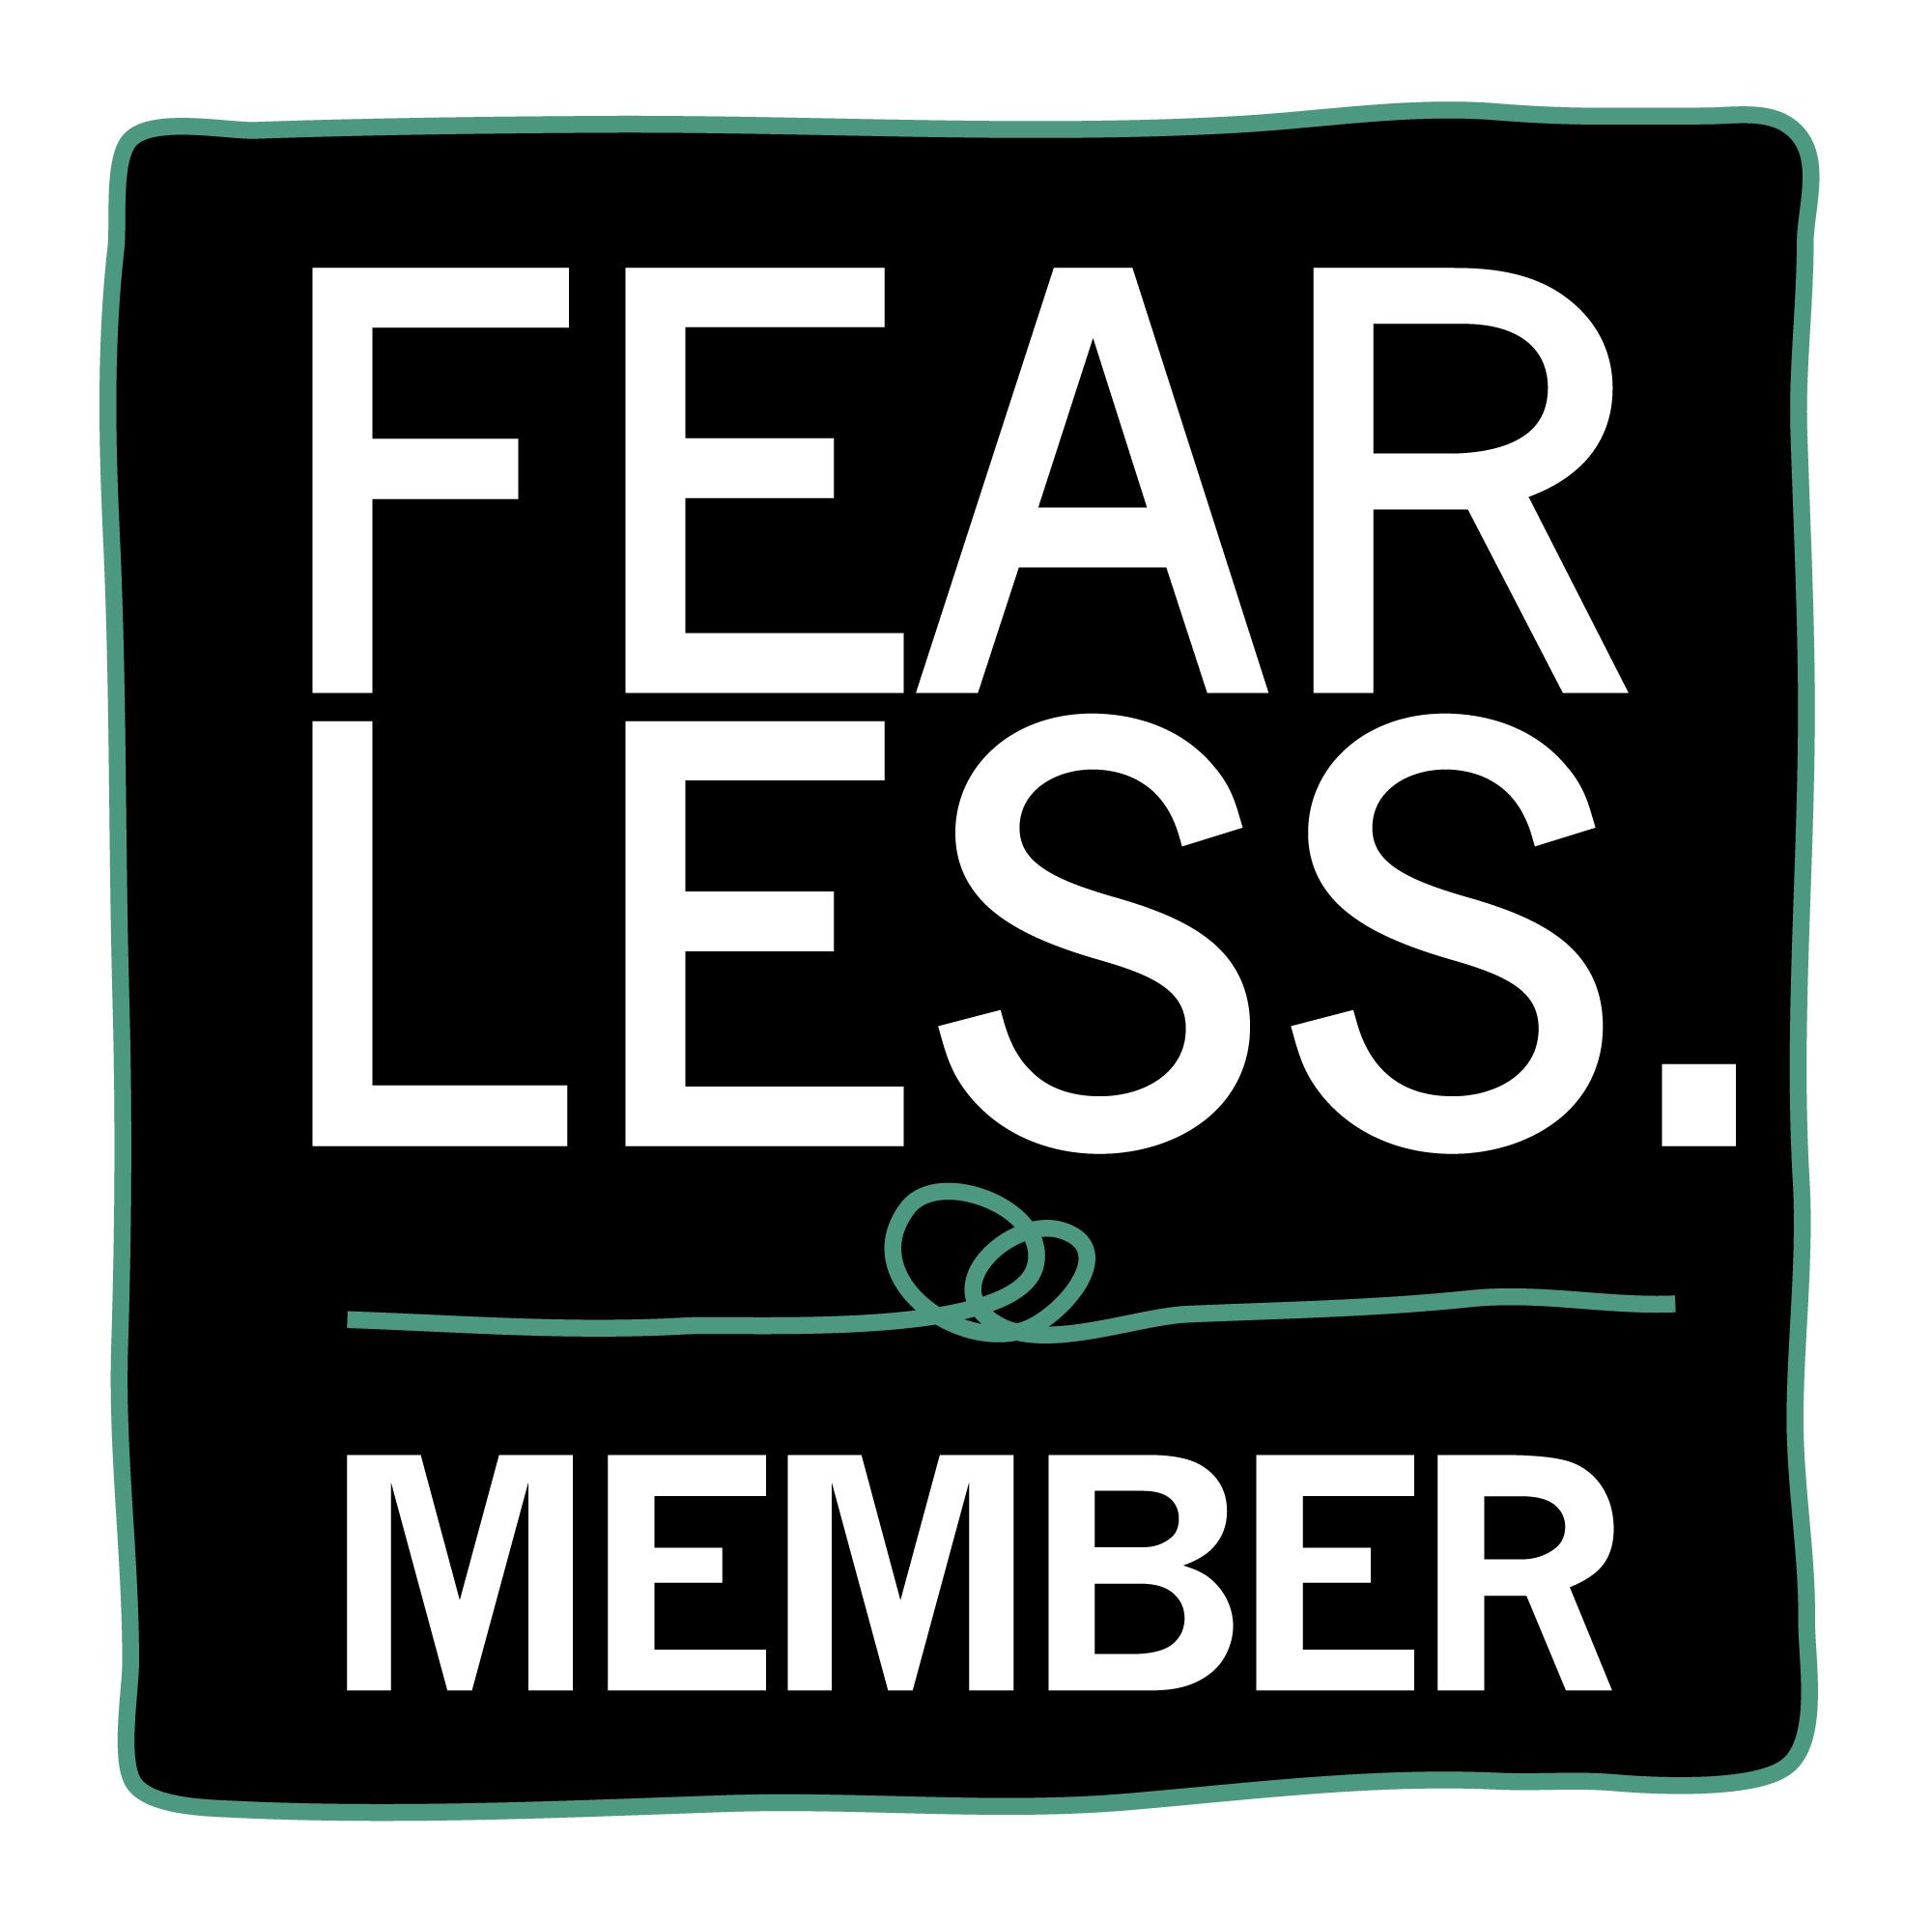 fearless-logo-white-green-black.jpg